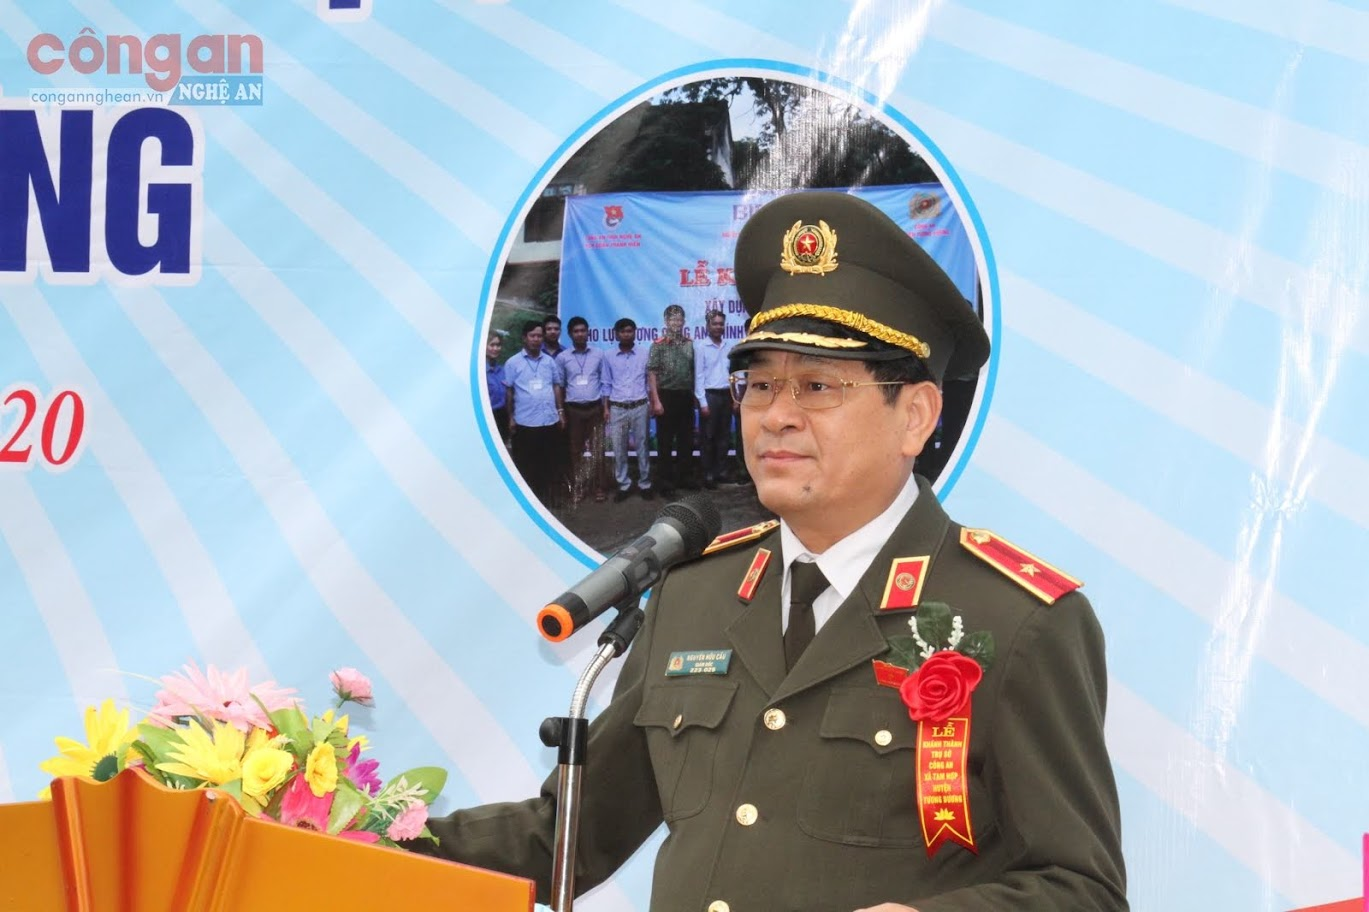 Đồng chí Thiếu tướng Nguyễn Hữu Cầu, Uỷ viên Ban thường vụ Tỉnh uỷ, Giám đốc Công an tỉnh phát biểu tại buổi lễ.